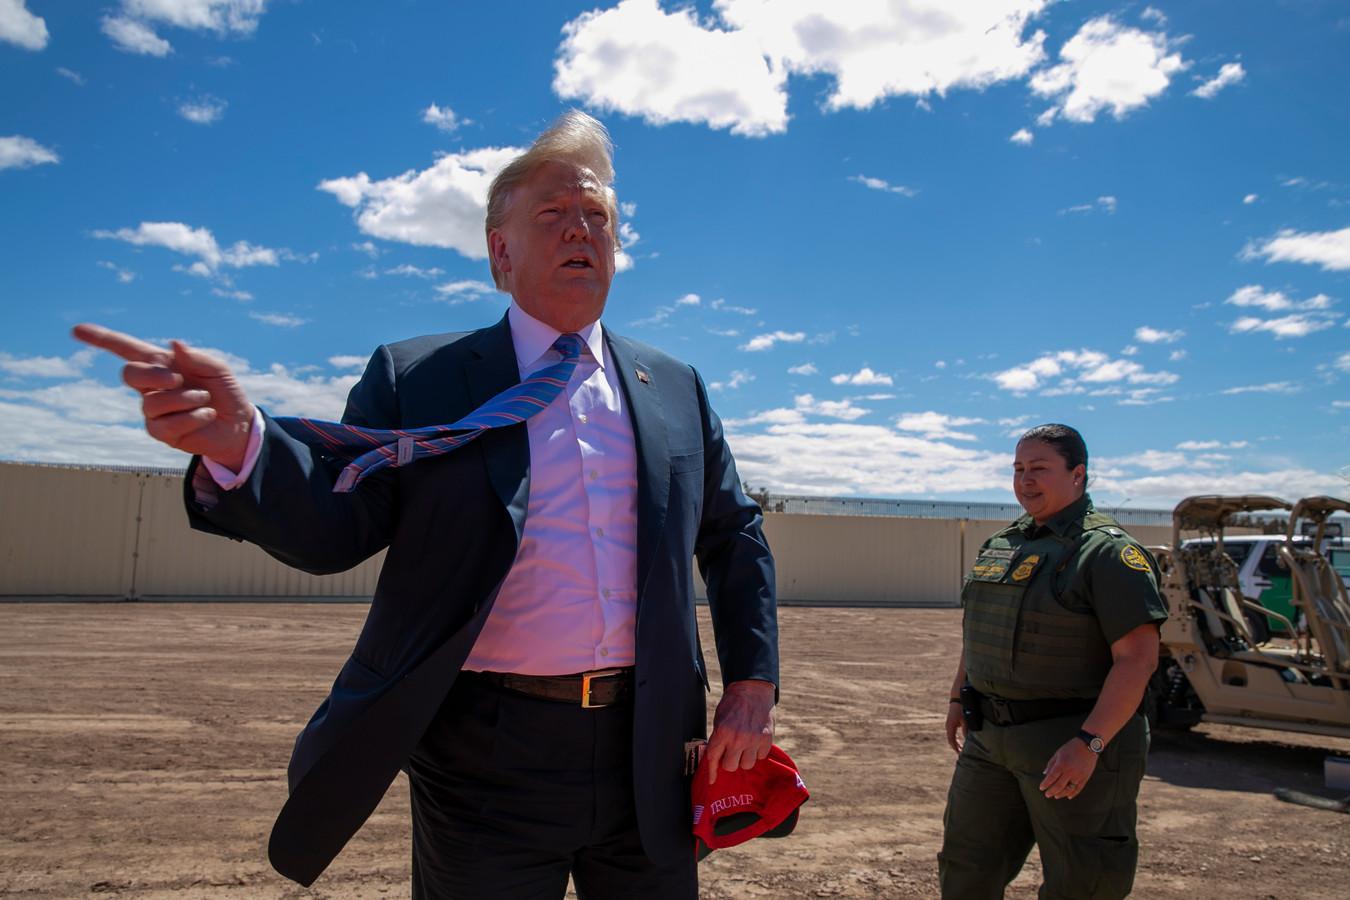 De Amerikaanse president Trump bij een bezoek aan de Amerikaans-Mexicaanse grens in Californië. Archieffoto.